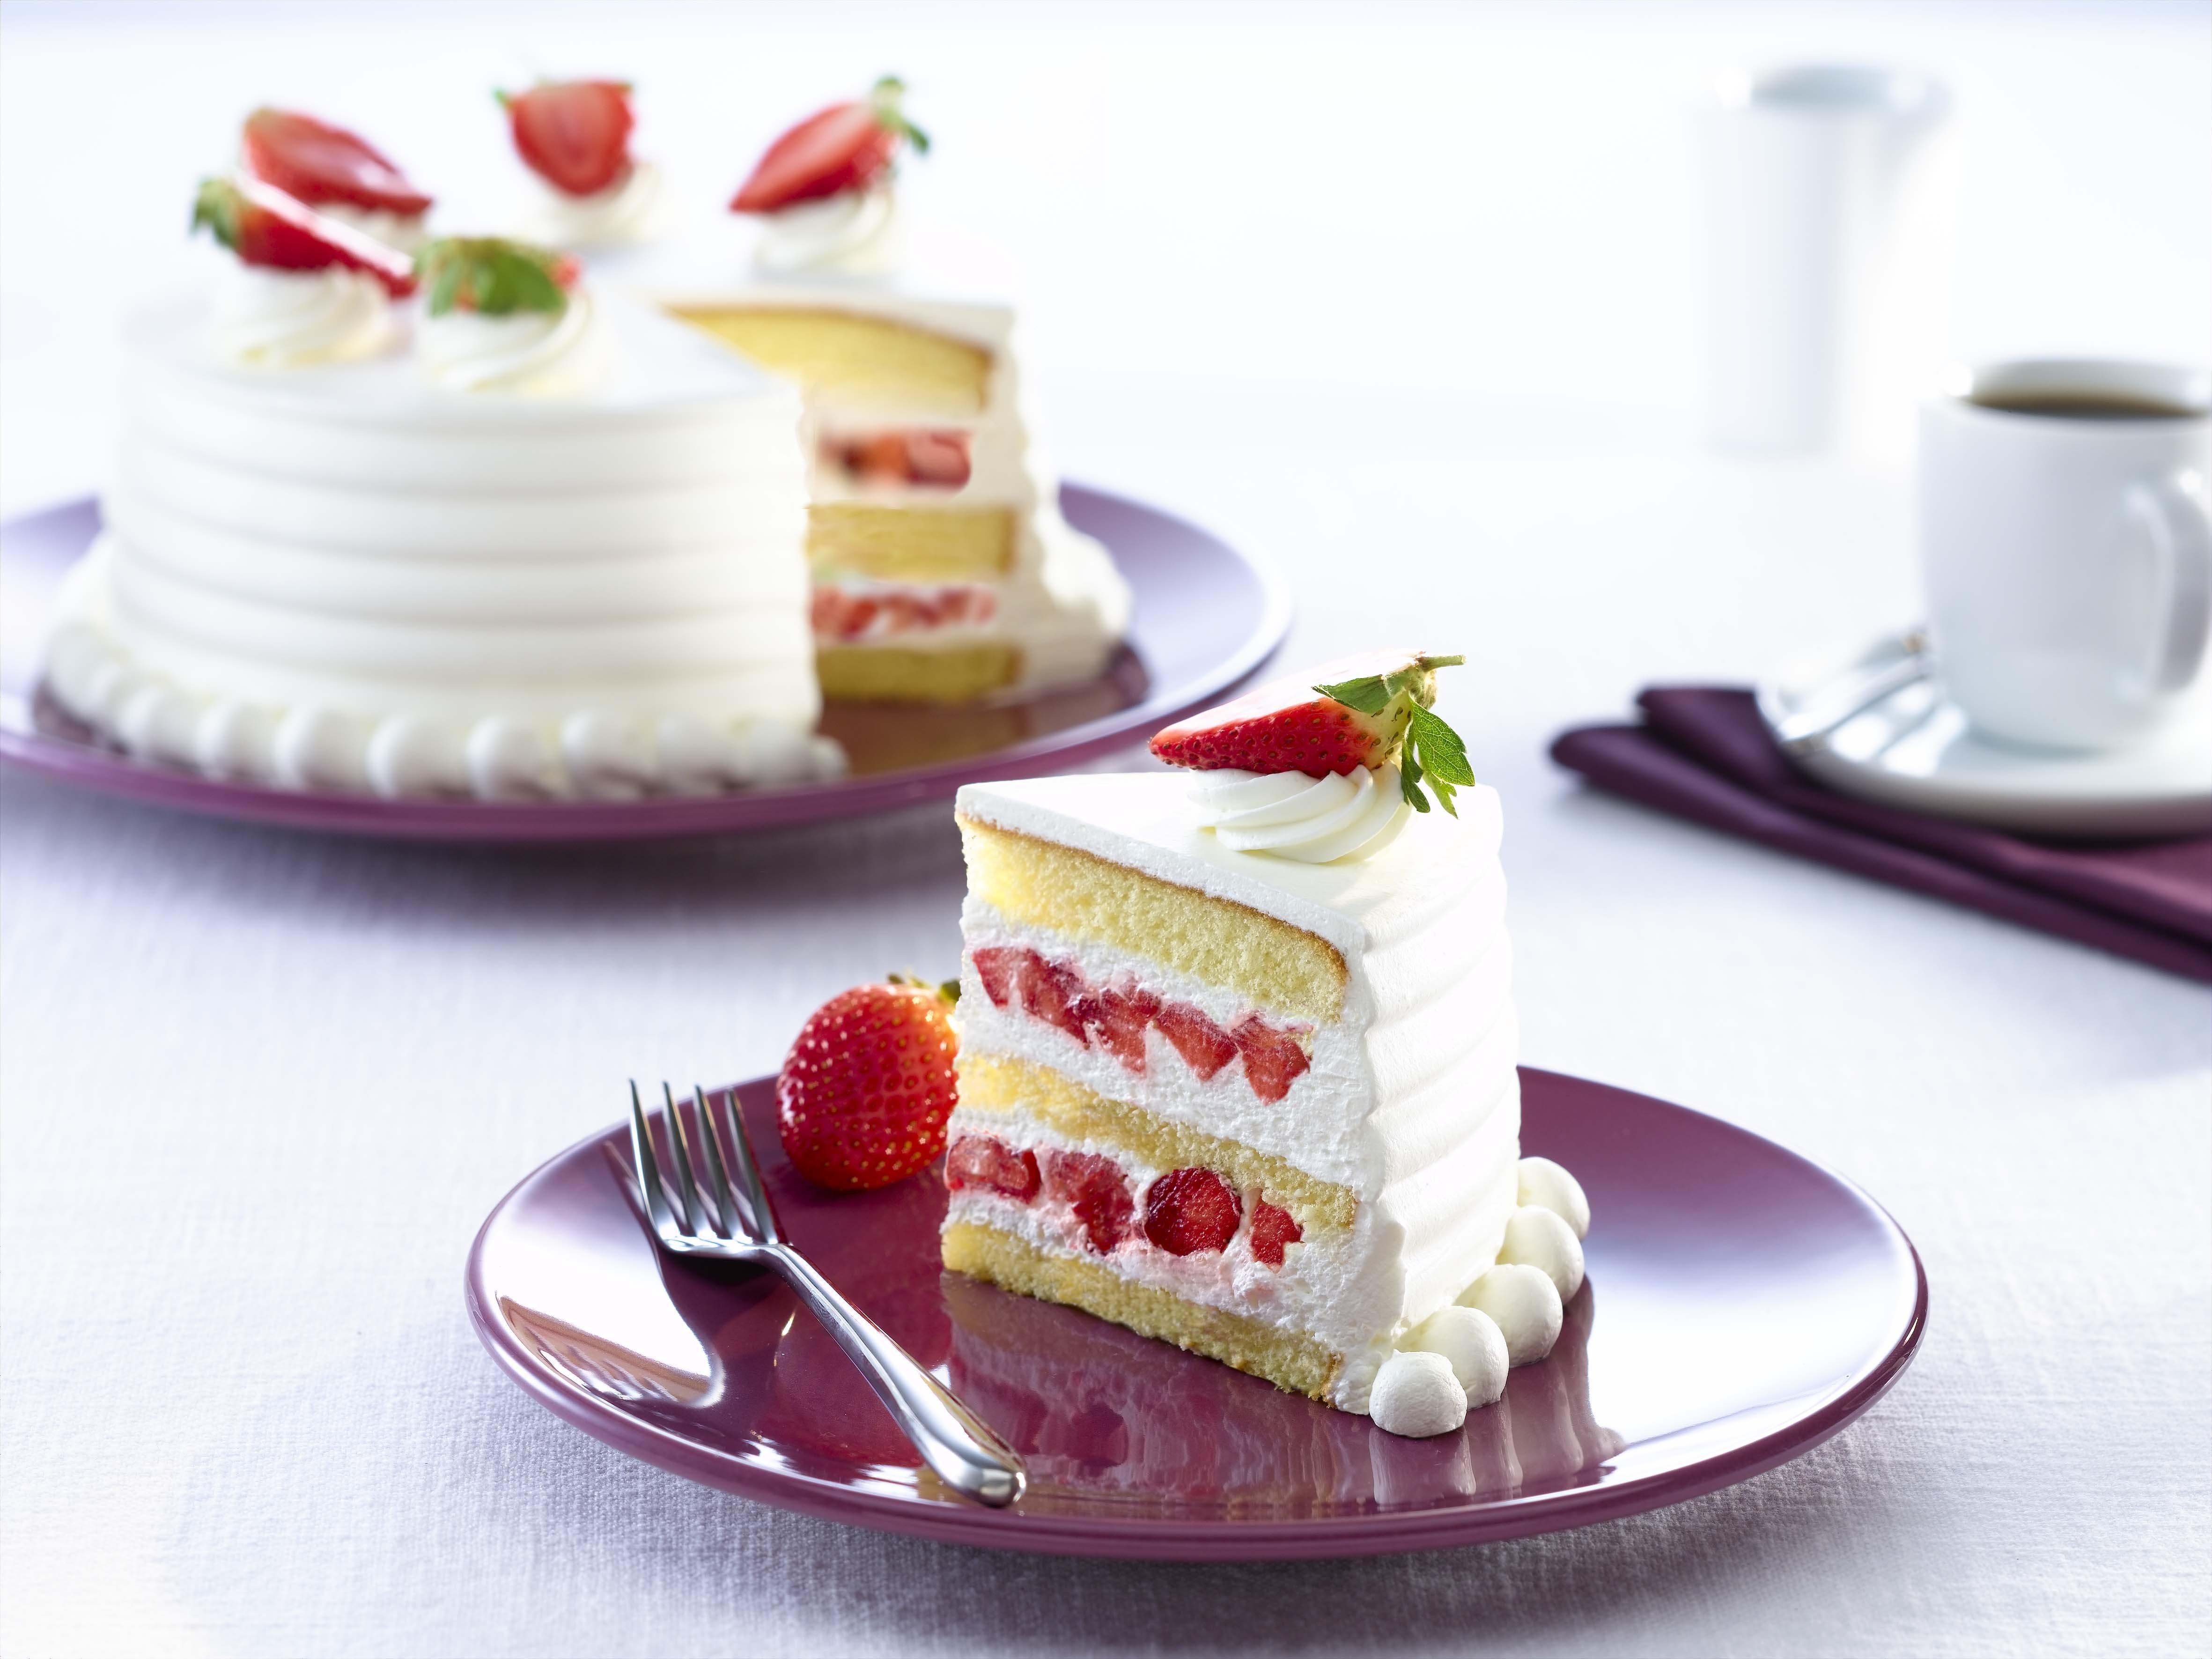 Белый торт с кусочками фруктов  № 2171482 загрузить